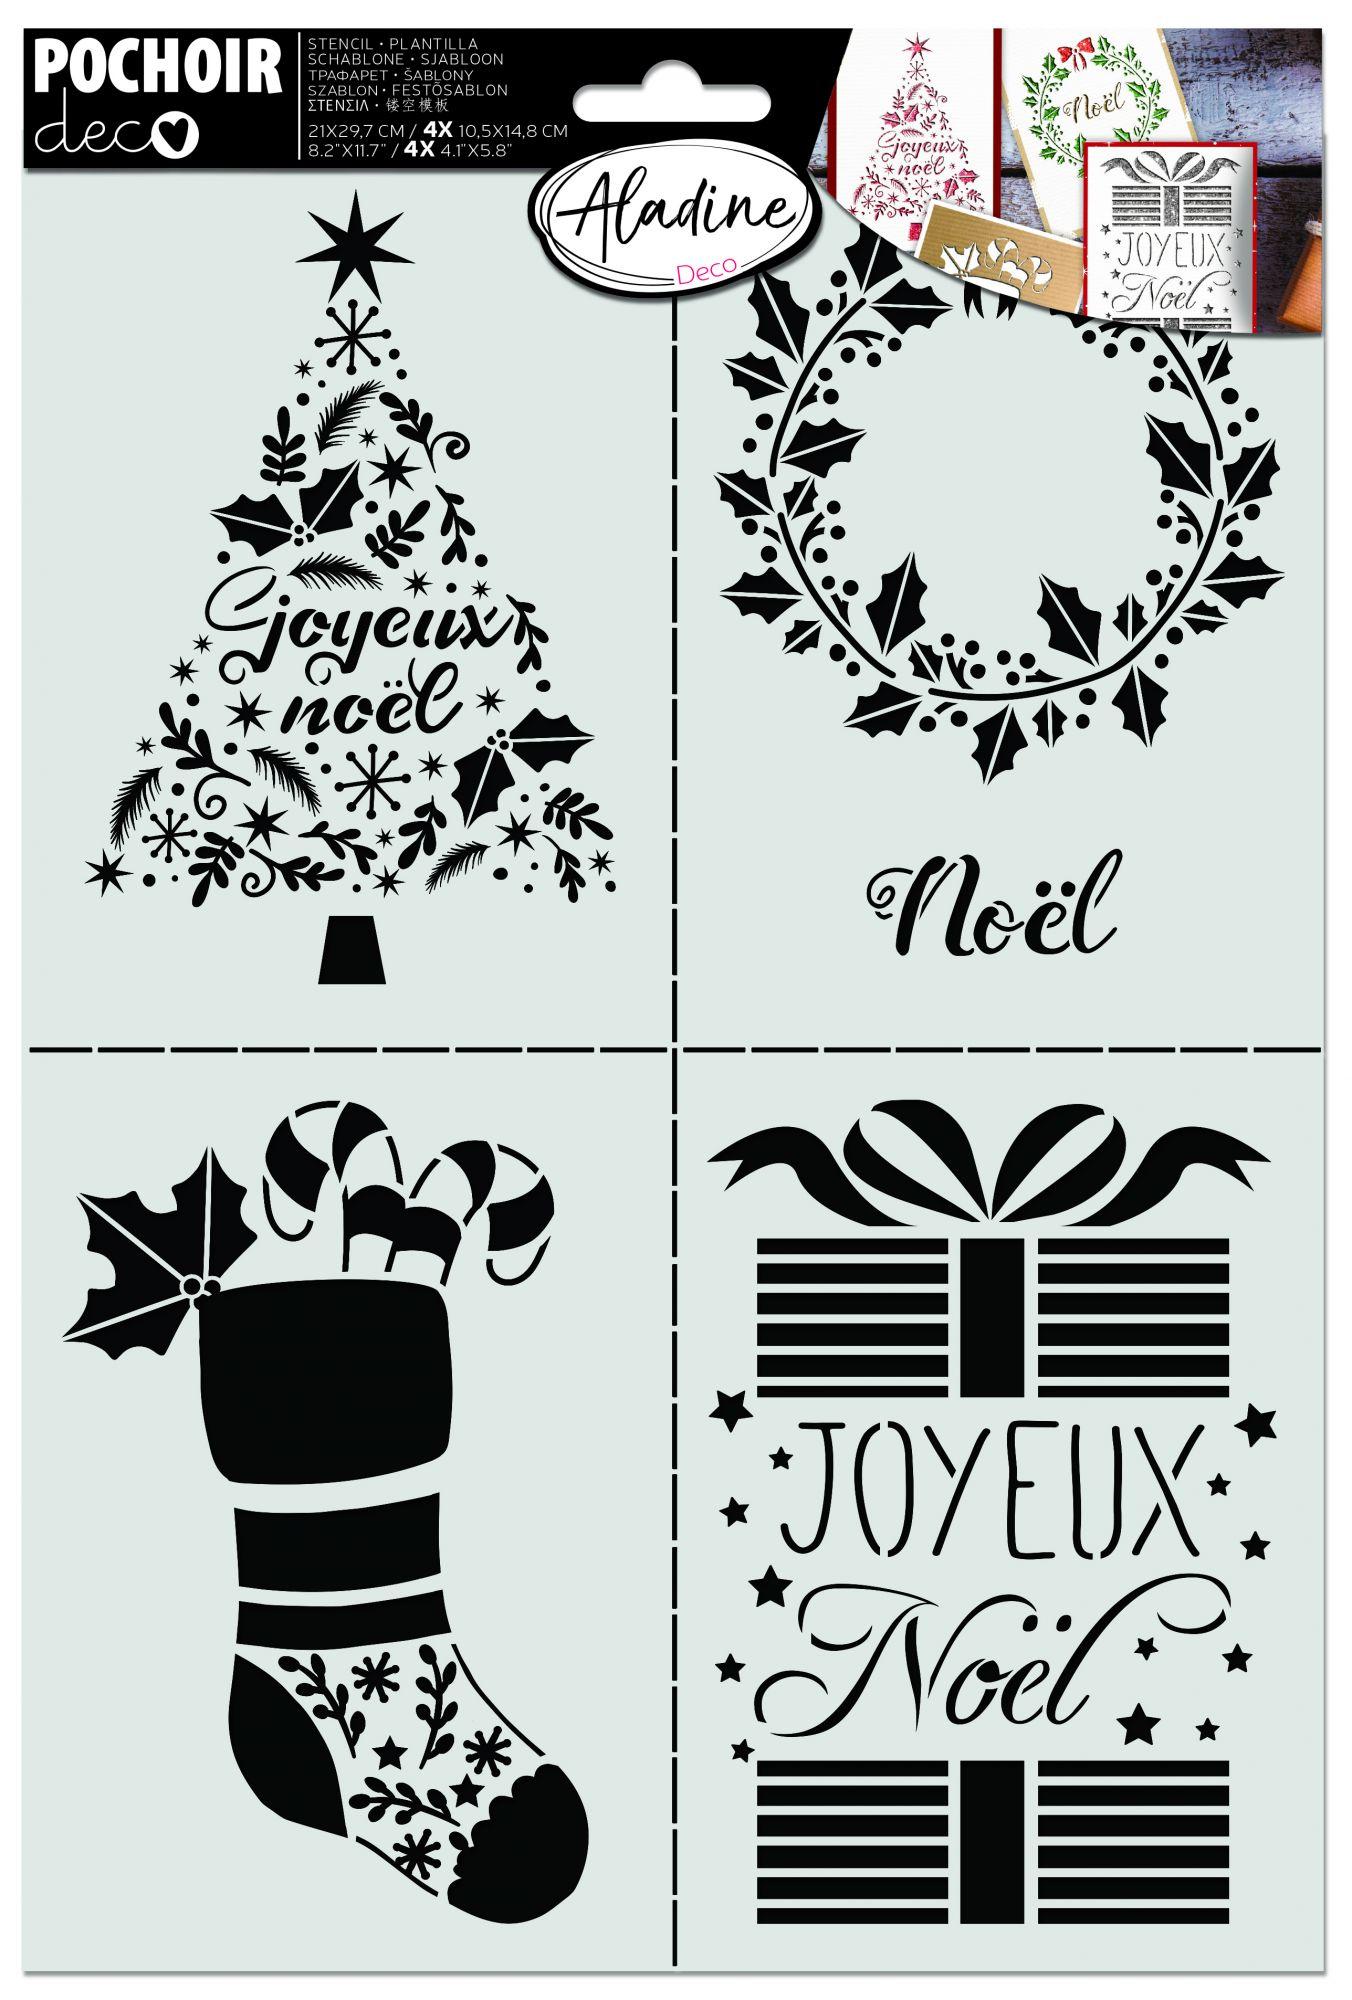 POCHOIR CARTERIE - Dessins Noël A4